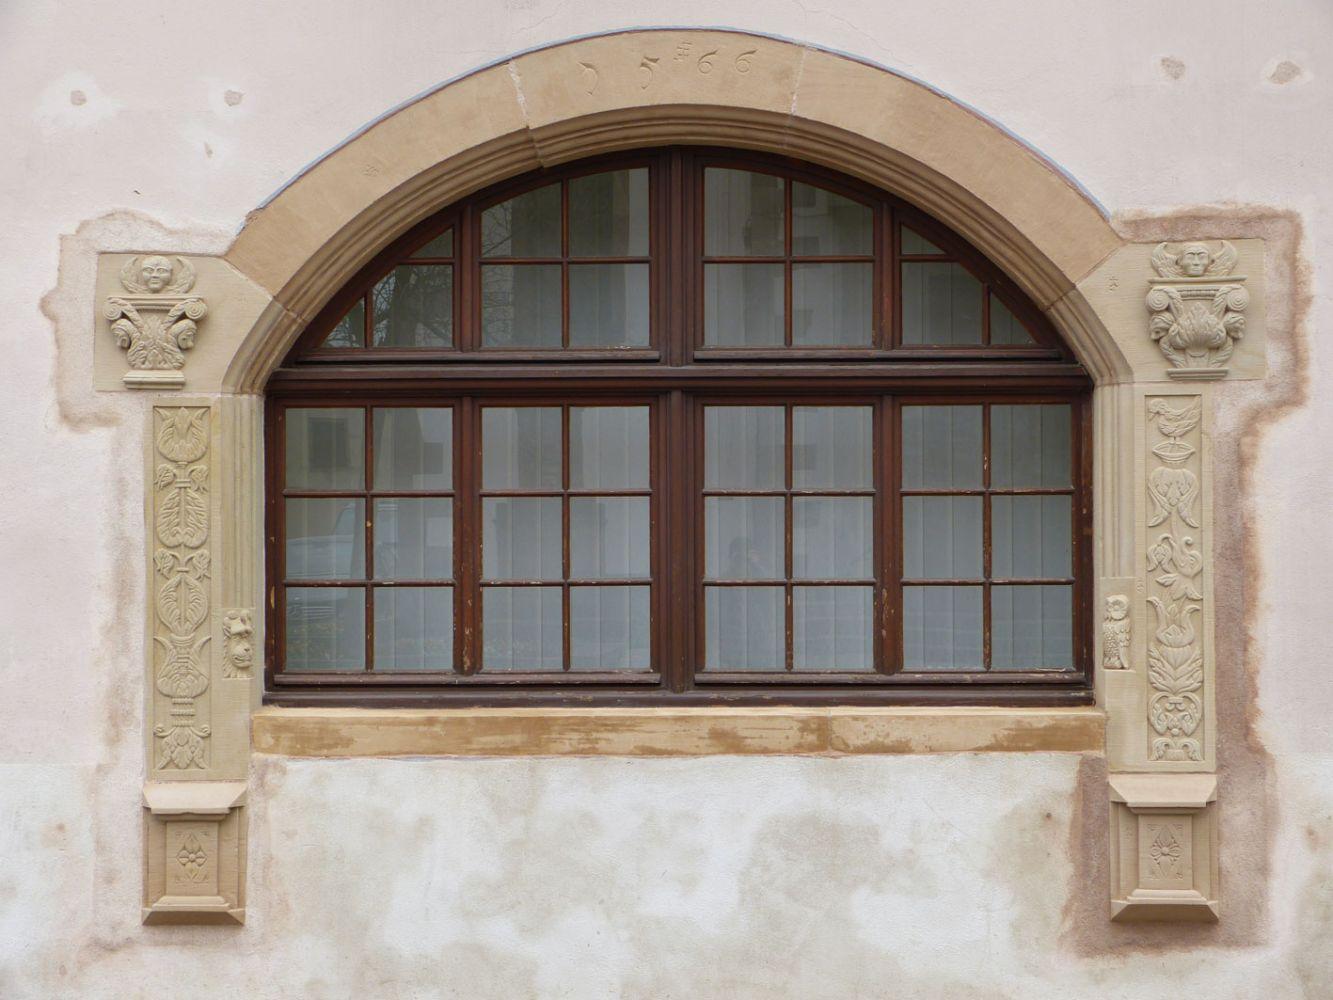 Rénovation d'un encadrement de fenêtre en grès jaune